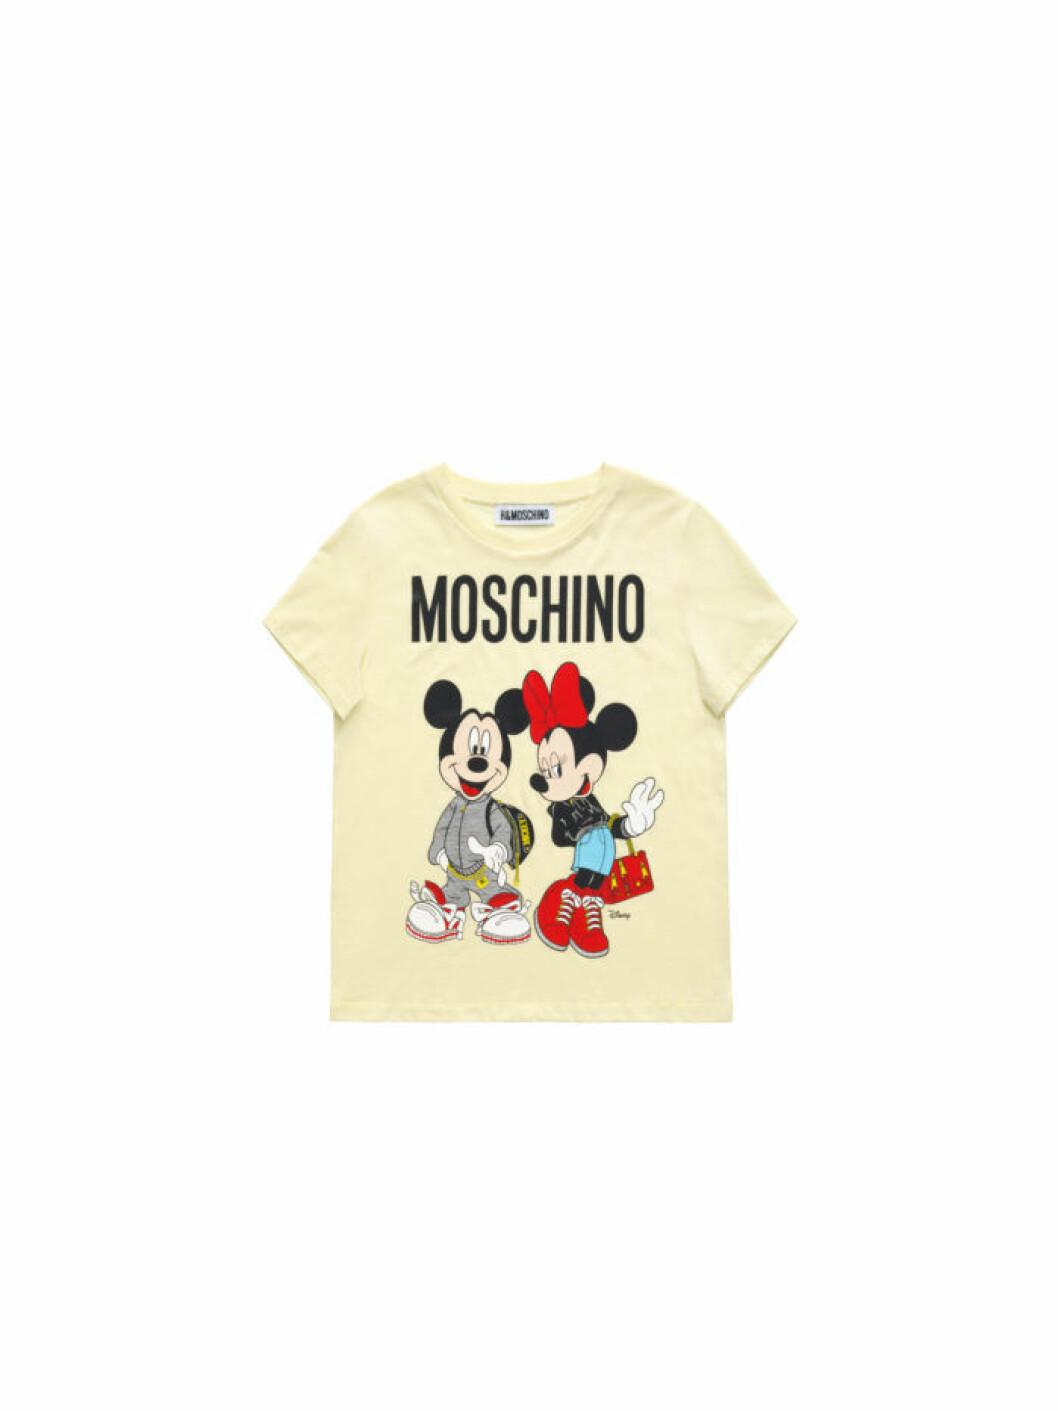 Musse och Mimmi Pigg på en ljusgul t-shirt Moschino [tv] H&M